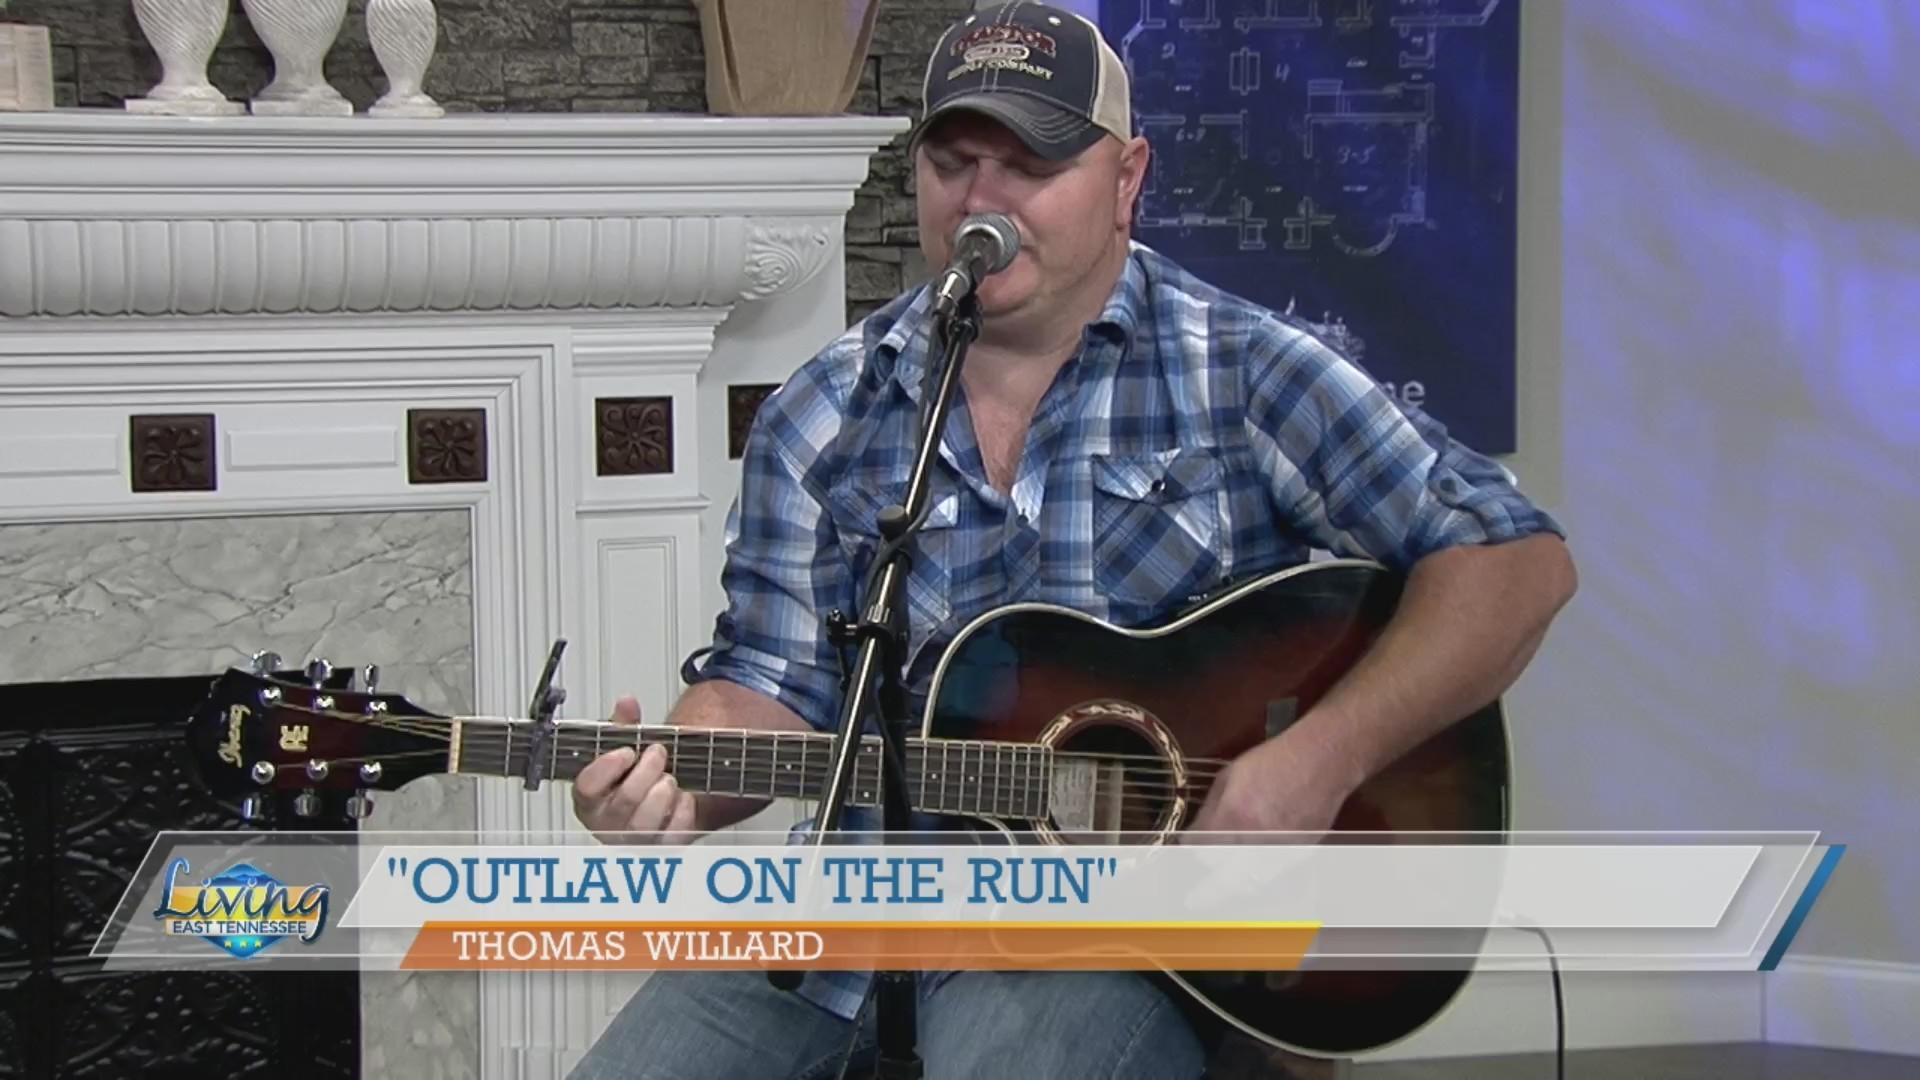 Thomas Willard performs 'Outlaw on the Run'